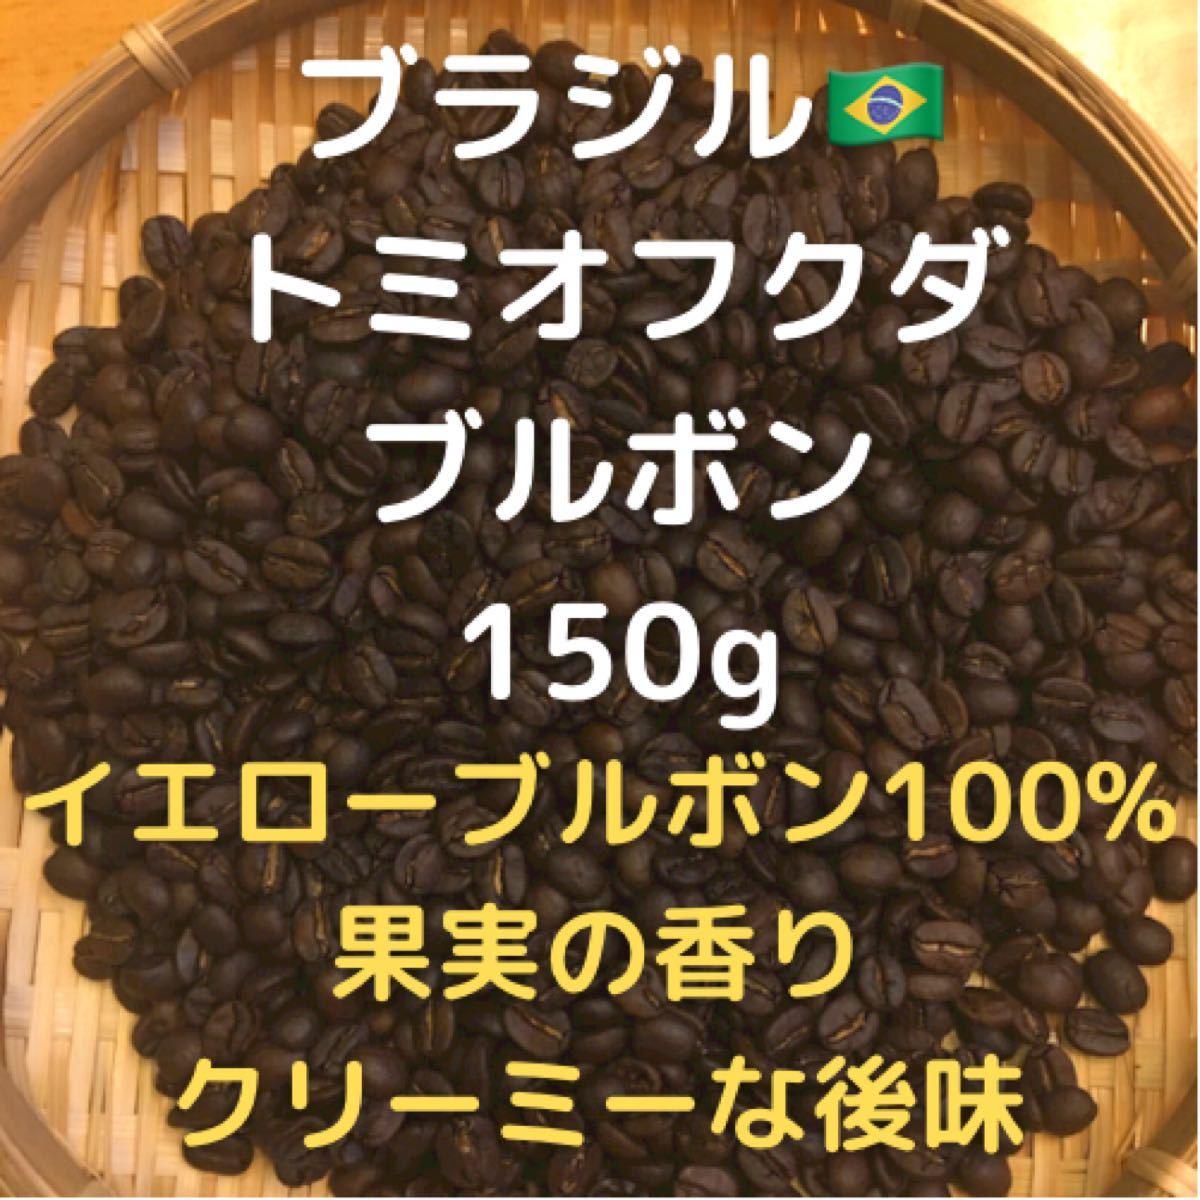 自家焙煎 ブラジル トミオフクダ ブルボン 150g(豆又は粉)匿名配送